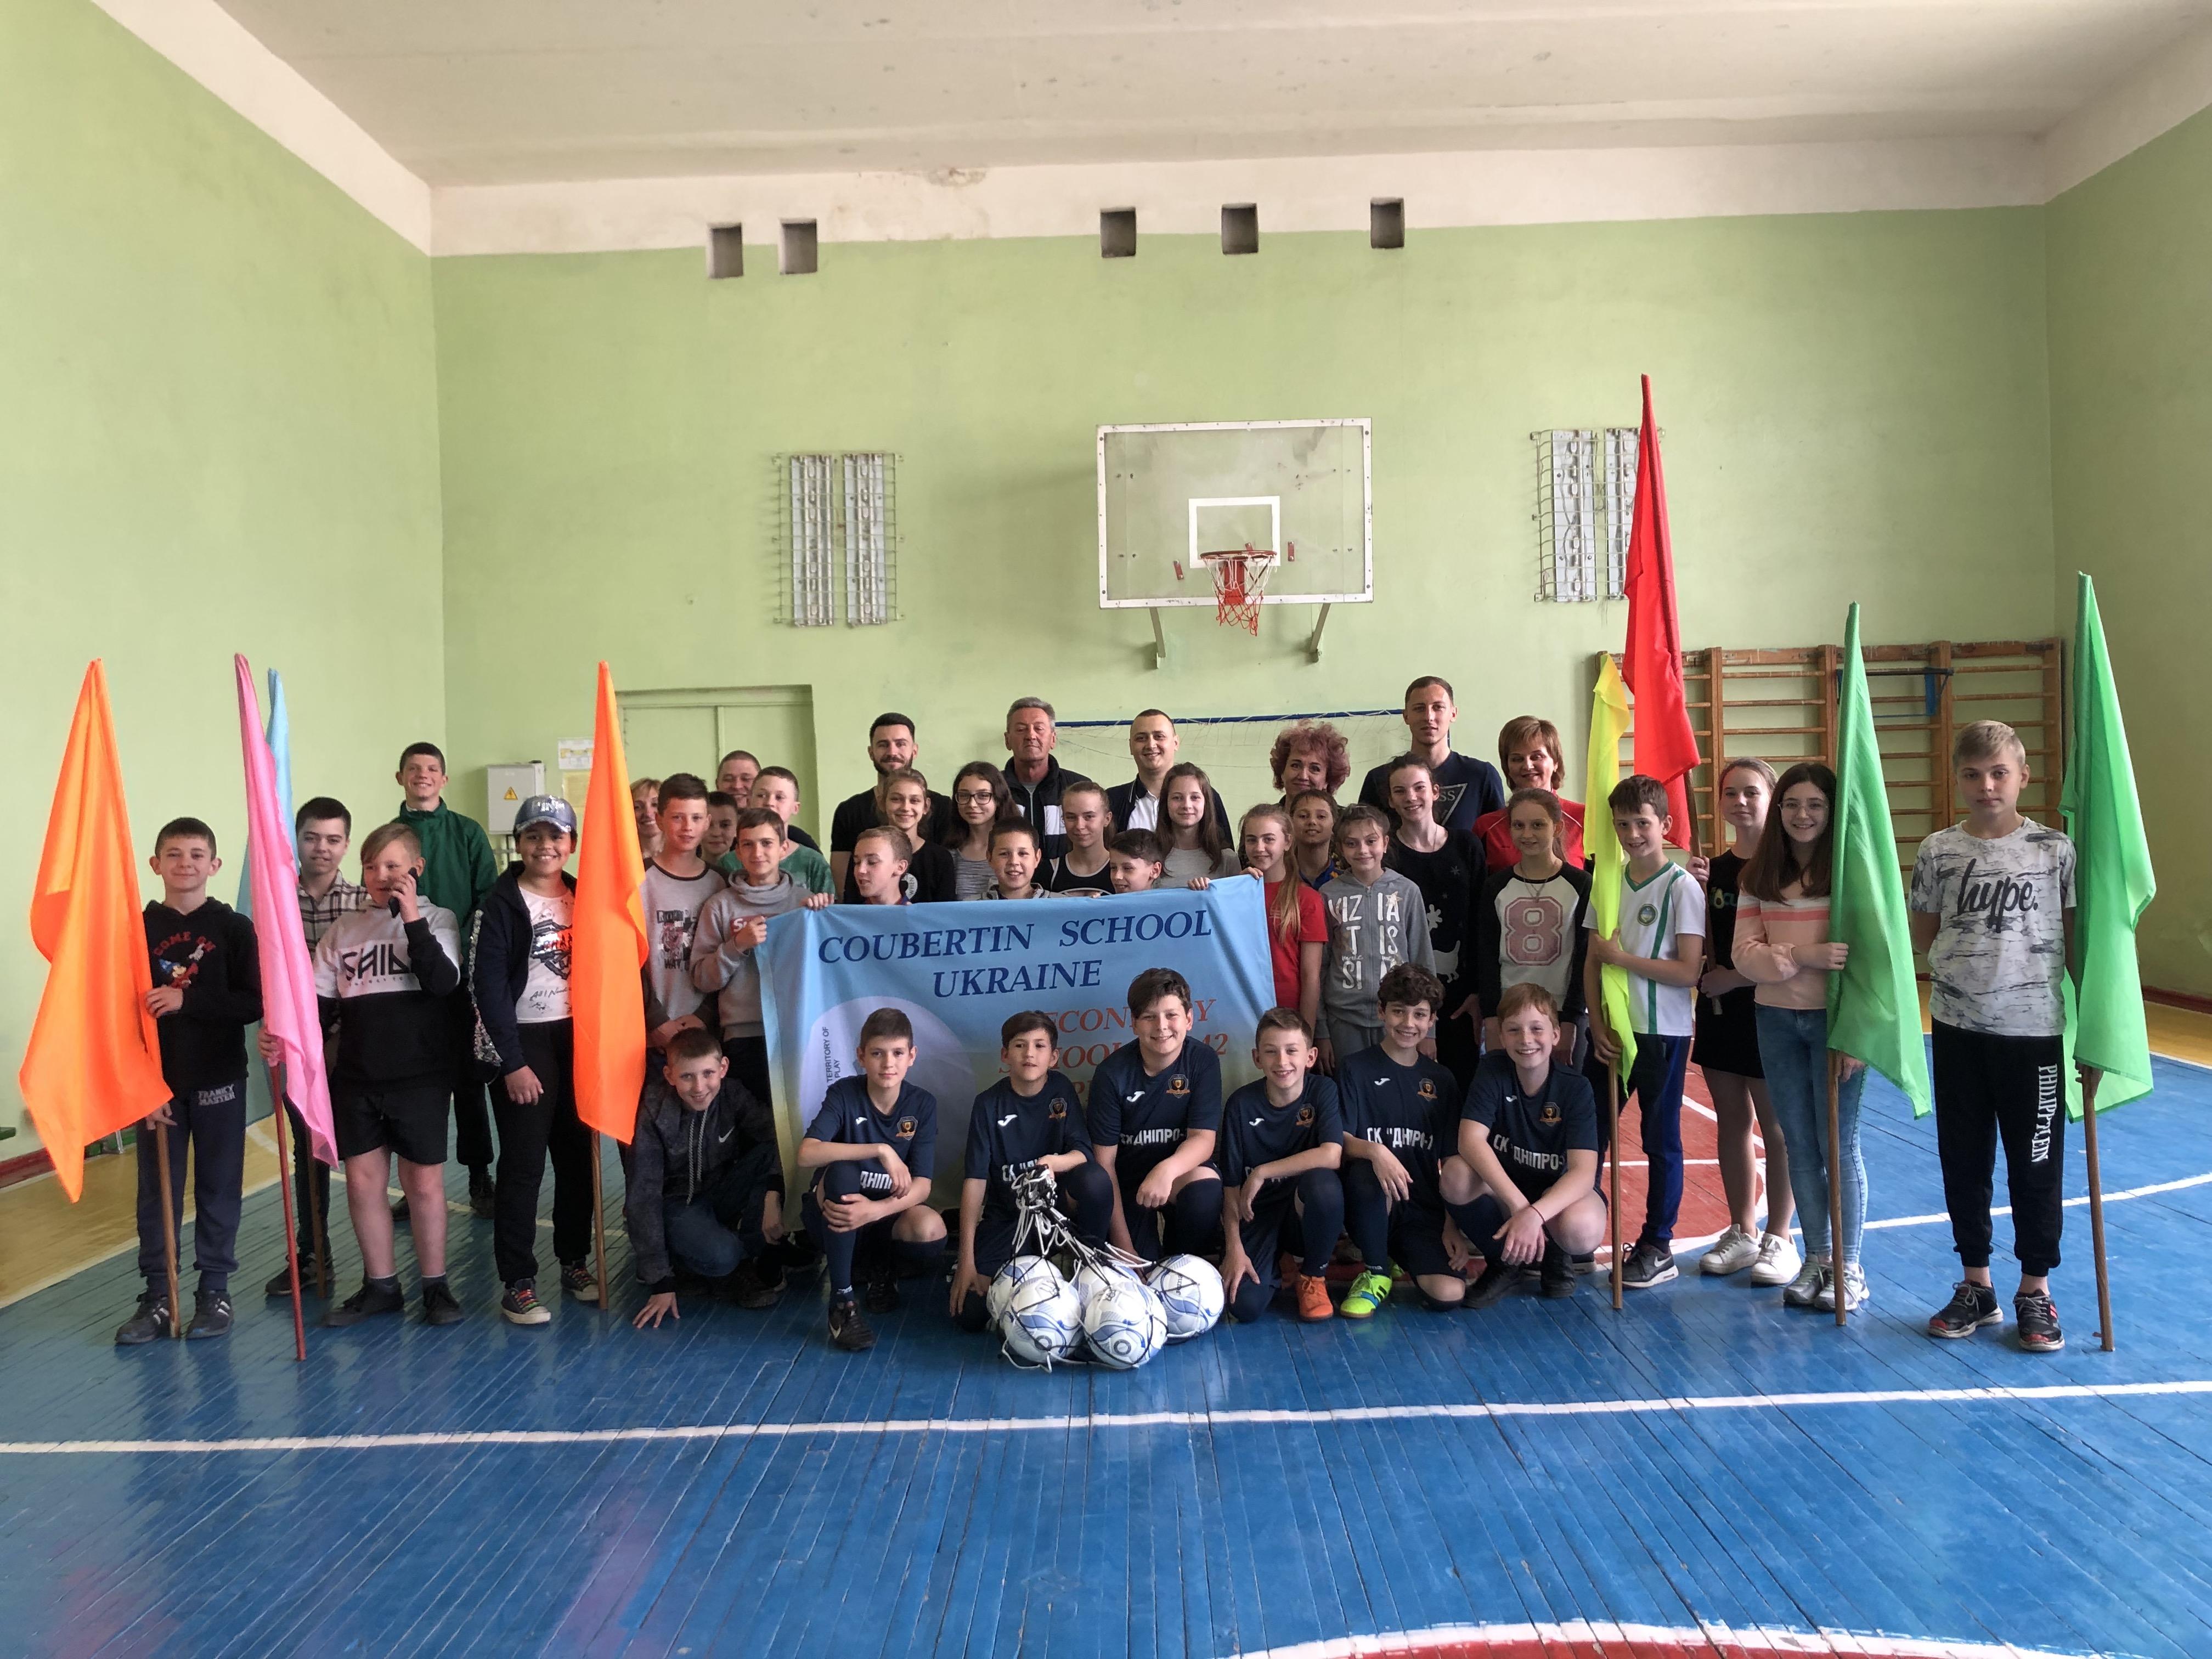 За ініціативи Юрія Берези учні Дніпровської школи №142 отримали футбольну форму